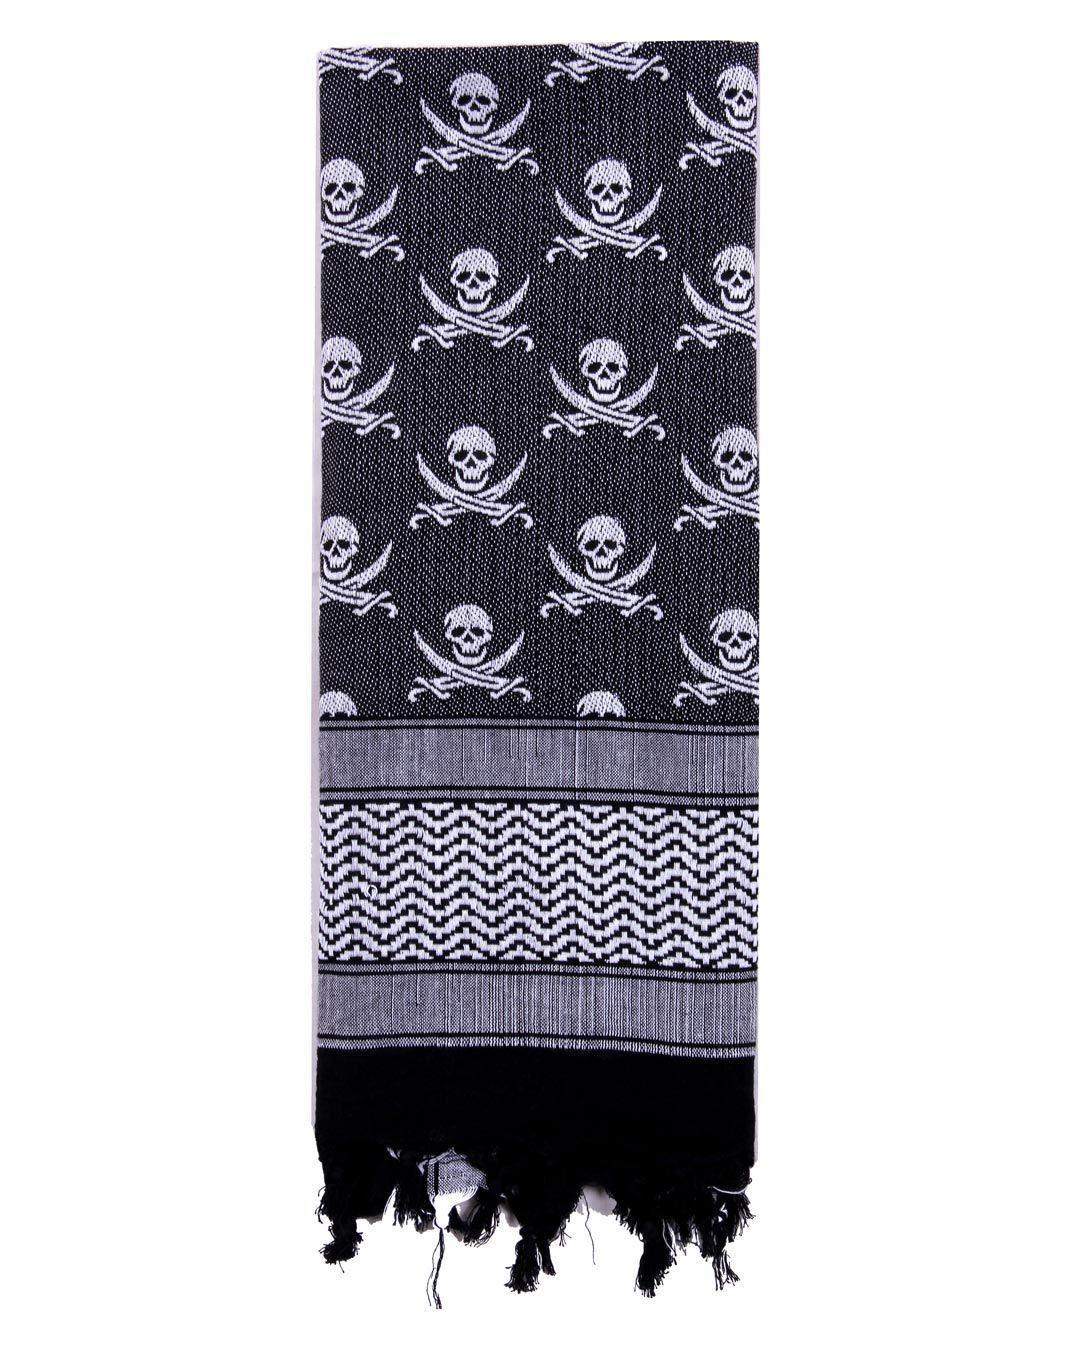 Image of   Rothco Shemagh Tørklæde - 'Skulls' (Hvid / Sort, One Size)